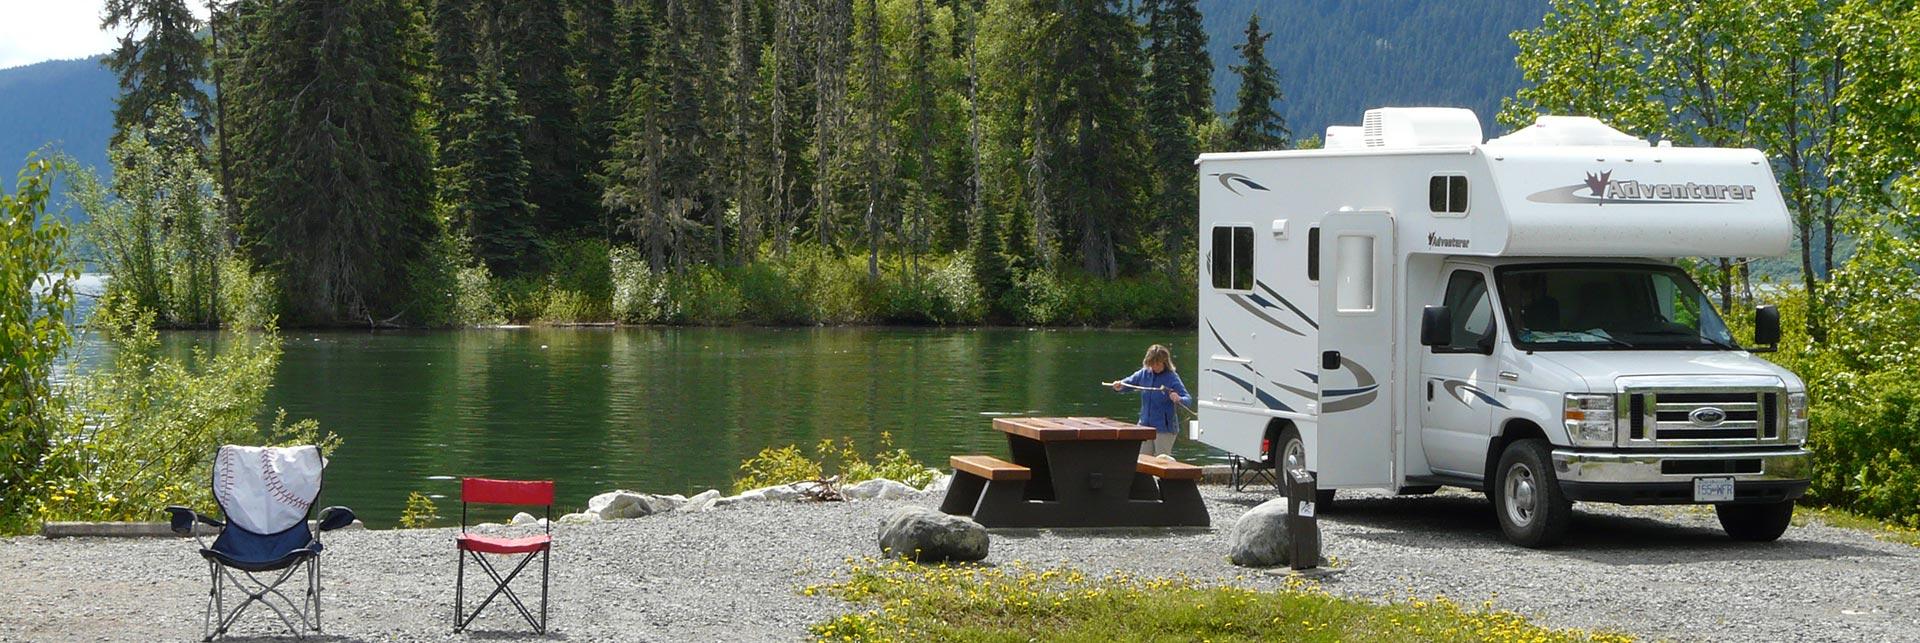 Fraserway Camper